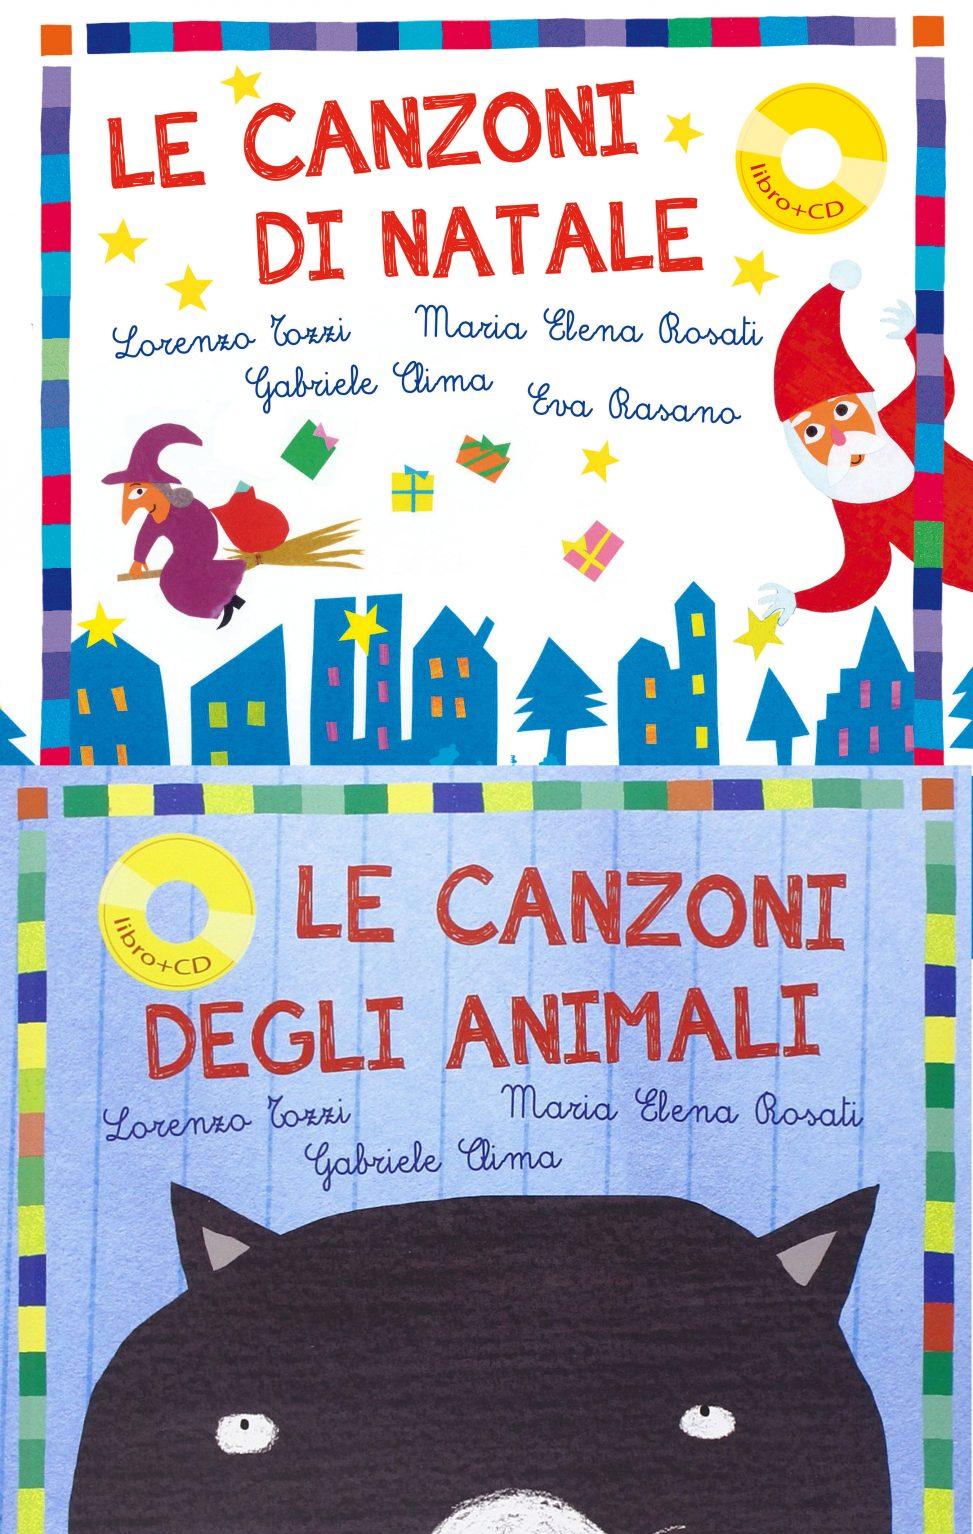 Un Libro In Cartella Le Canzoni Di Natale Teste Fiorite Libri